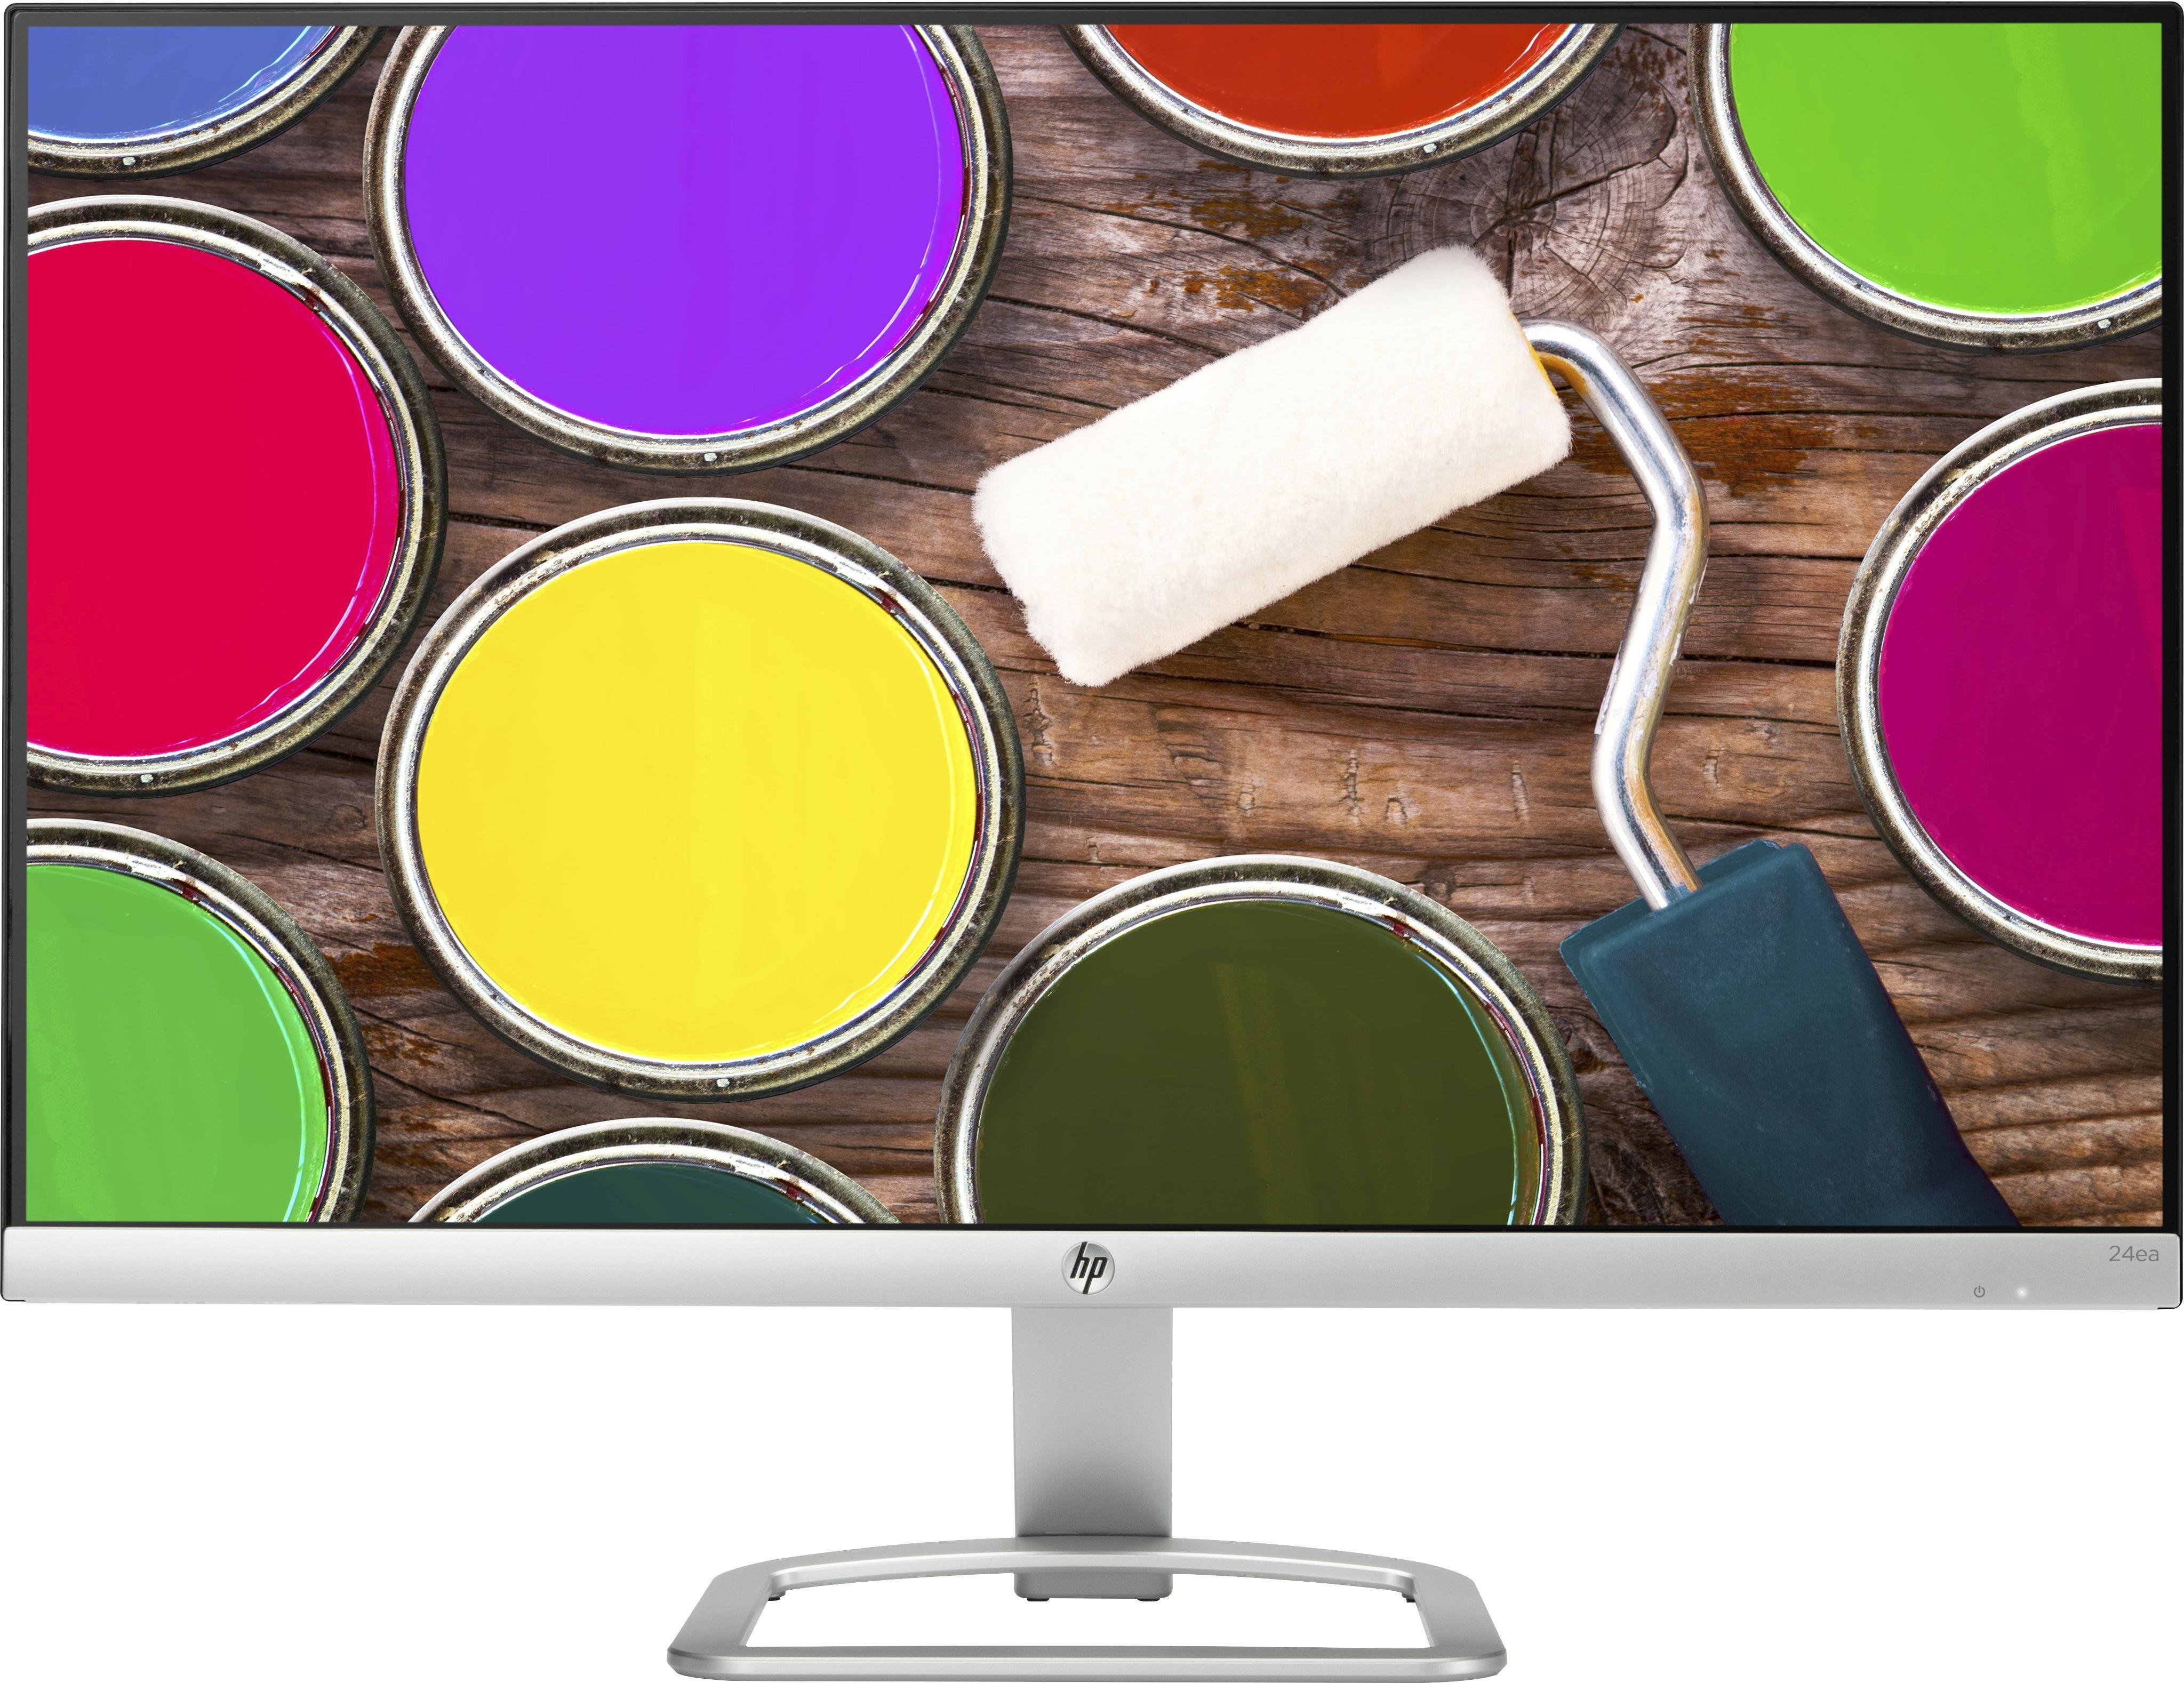 """HP 24ea écran plat de PC 61 cm (24"""") Full HD LED Argent, Blanc"""